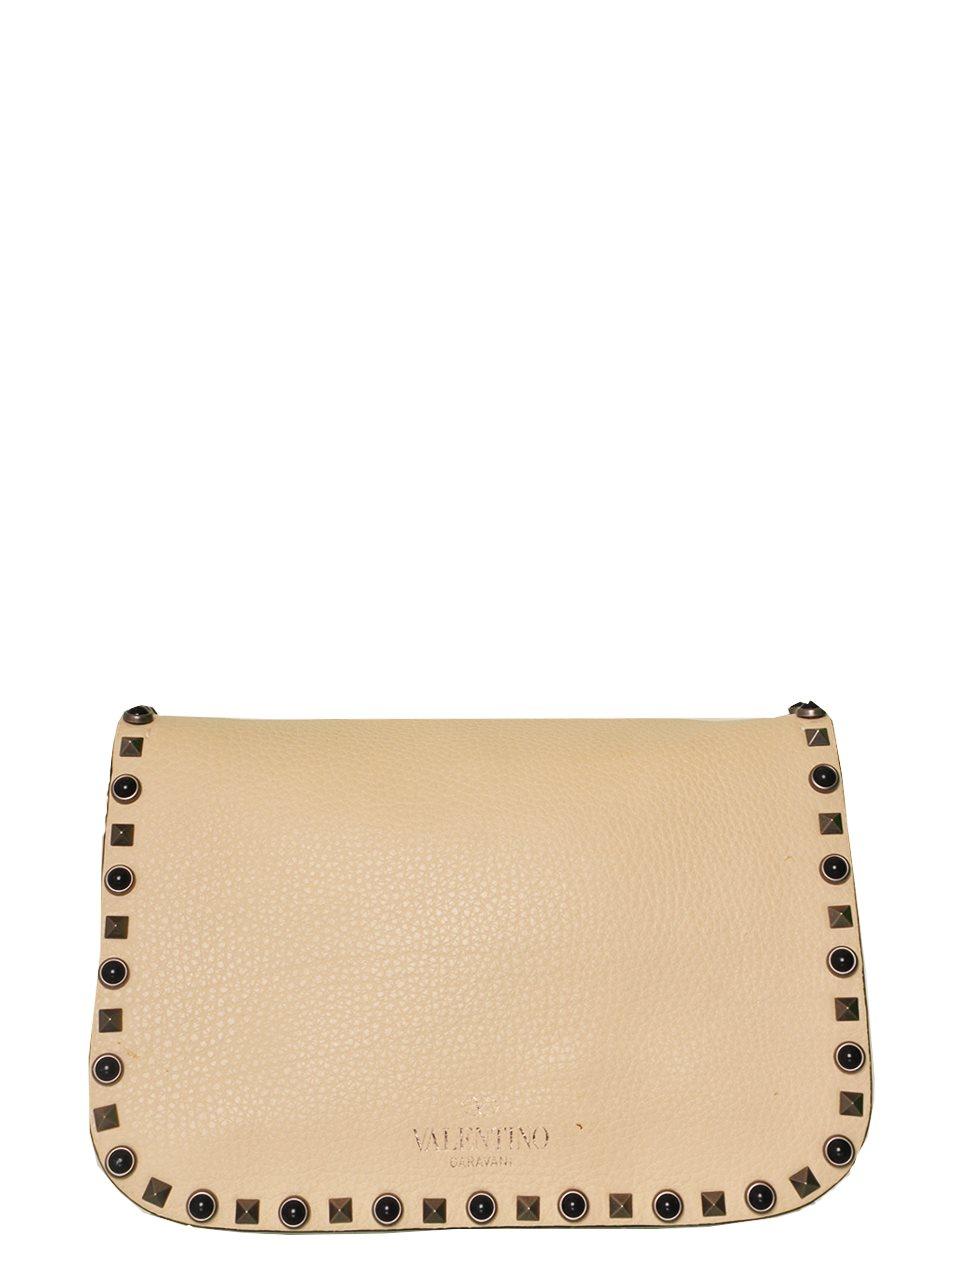 Valentino - Rockstud Butterfly Strap Leather Shoulder Bag - Image 2 of 6